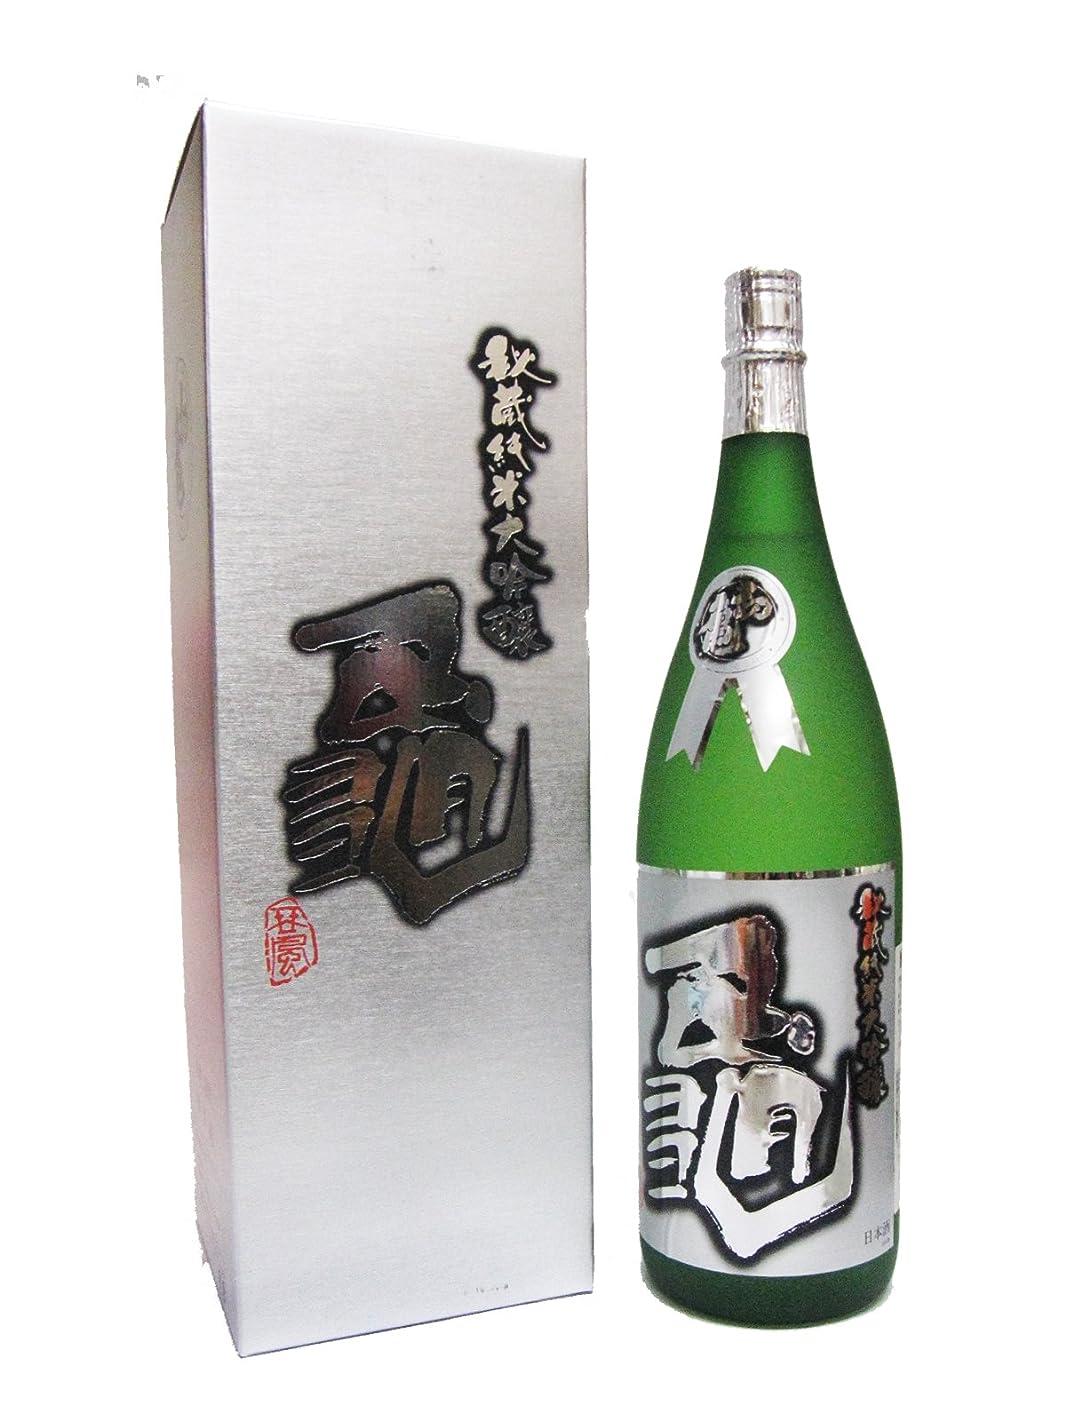 初亀(はつかめ)秘蔵純米大吟醸 『亀』 化粧箱入り 1.8L